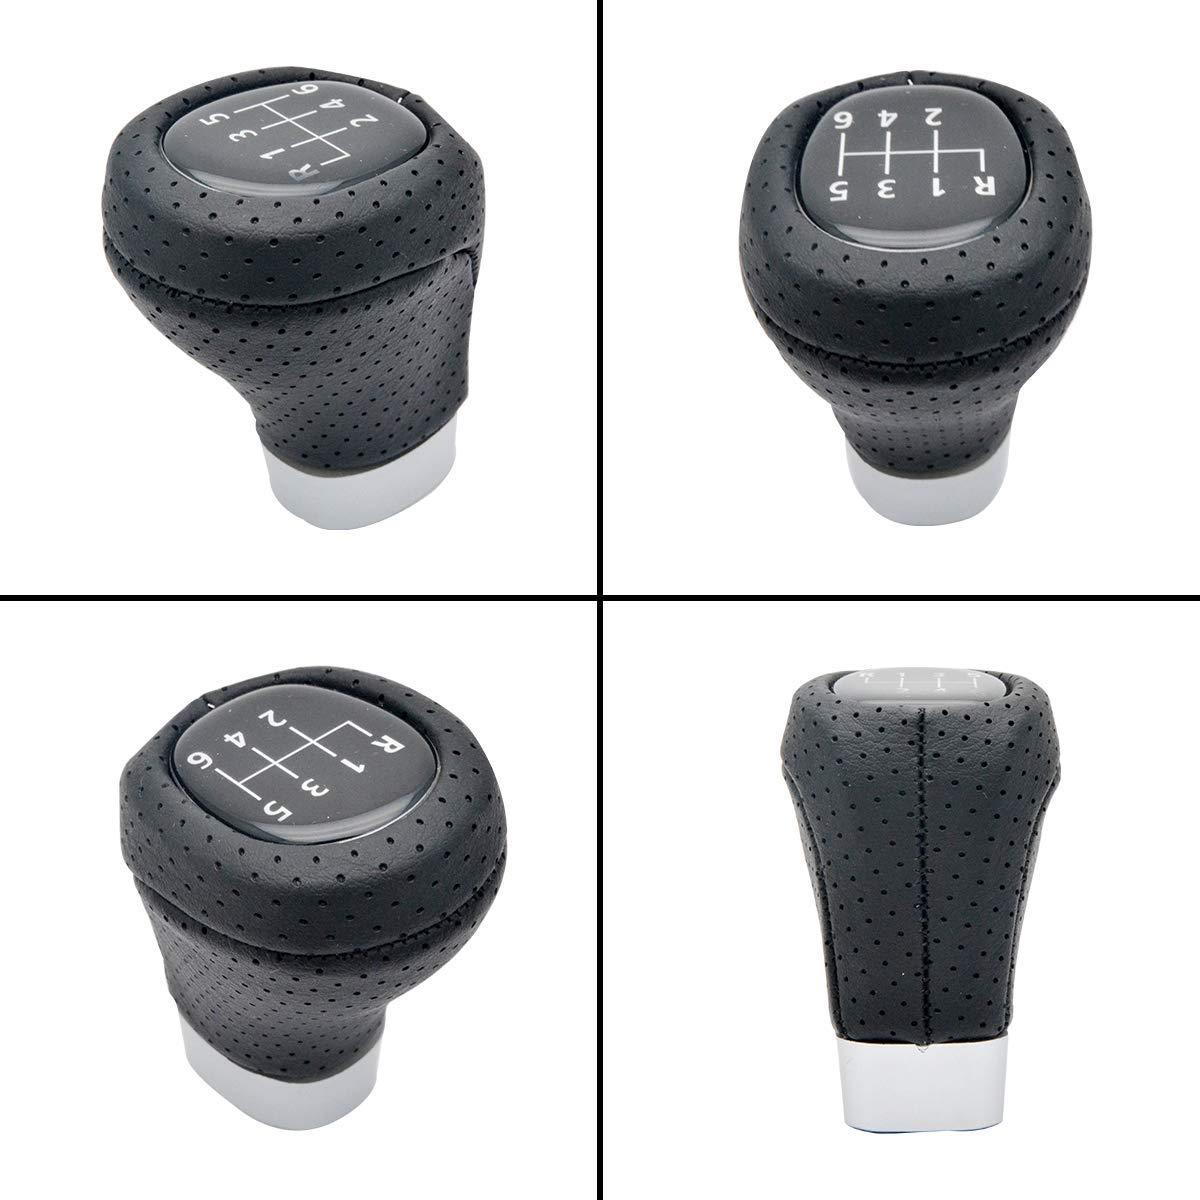 Maso 6 Gang Geschwindigkeit schaltknauf knauf Perforiert Echtes Leder Fit F/ür Bmw E46 E60 E87 E90 E92